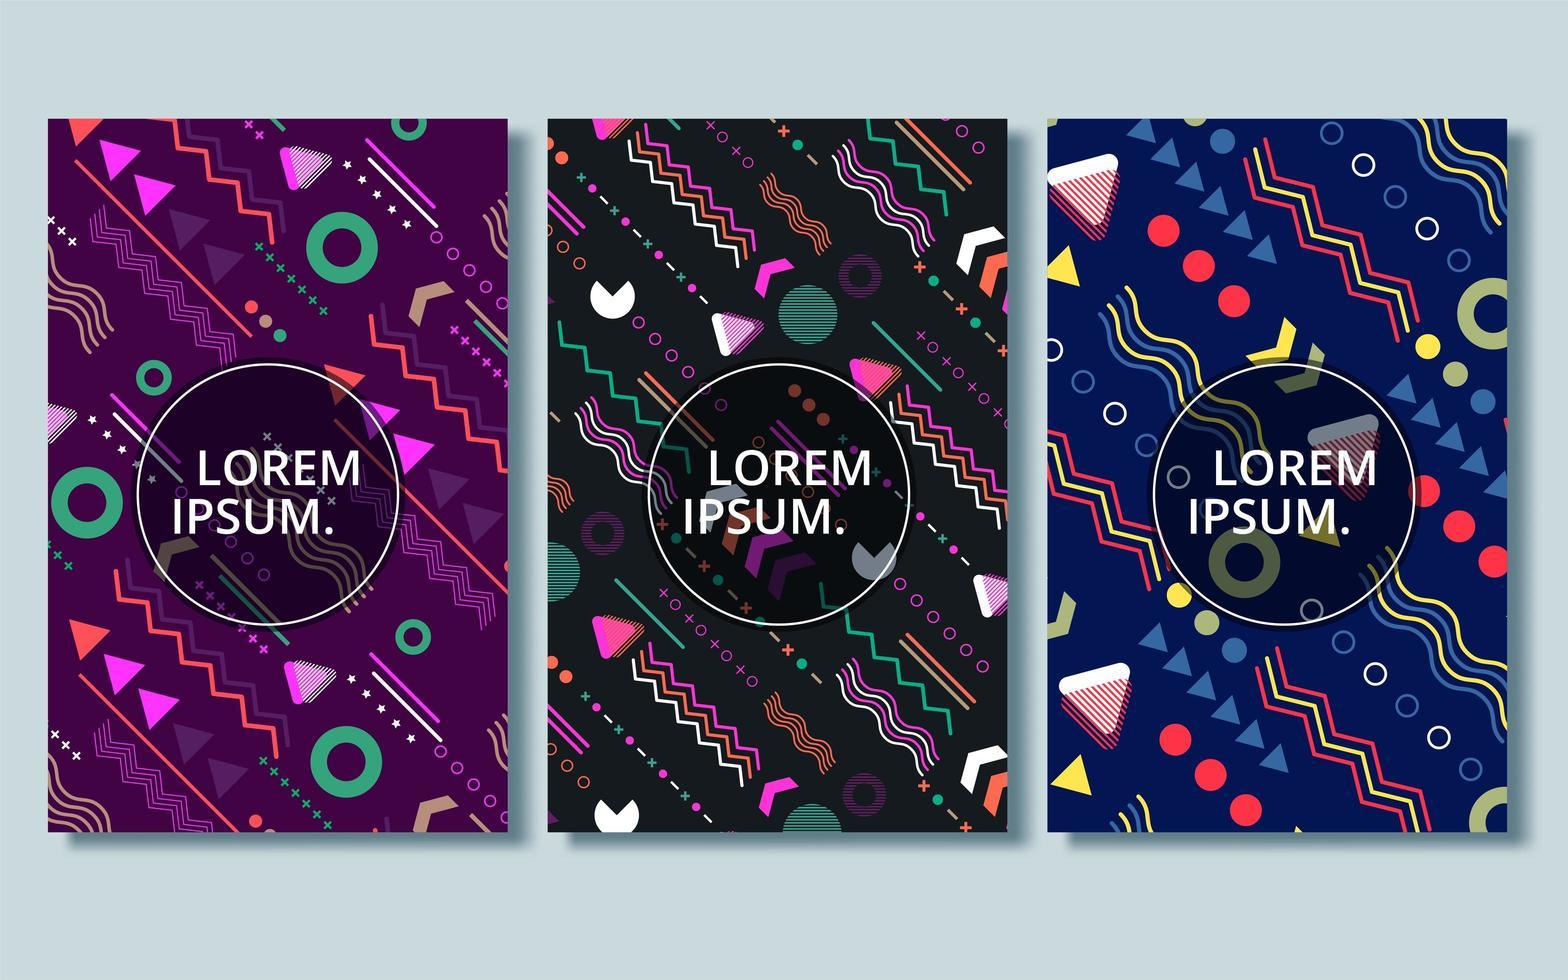 conjunto de design de cartão padrão brilhante de memphis vetor